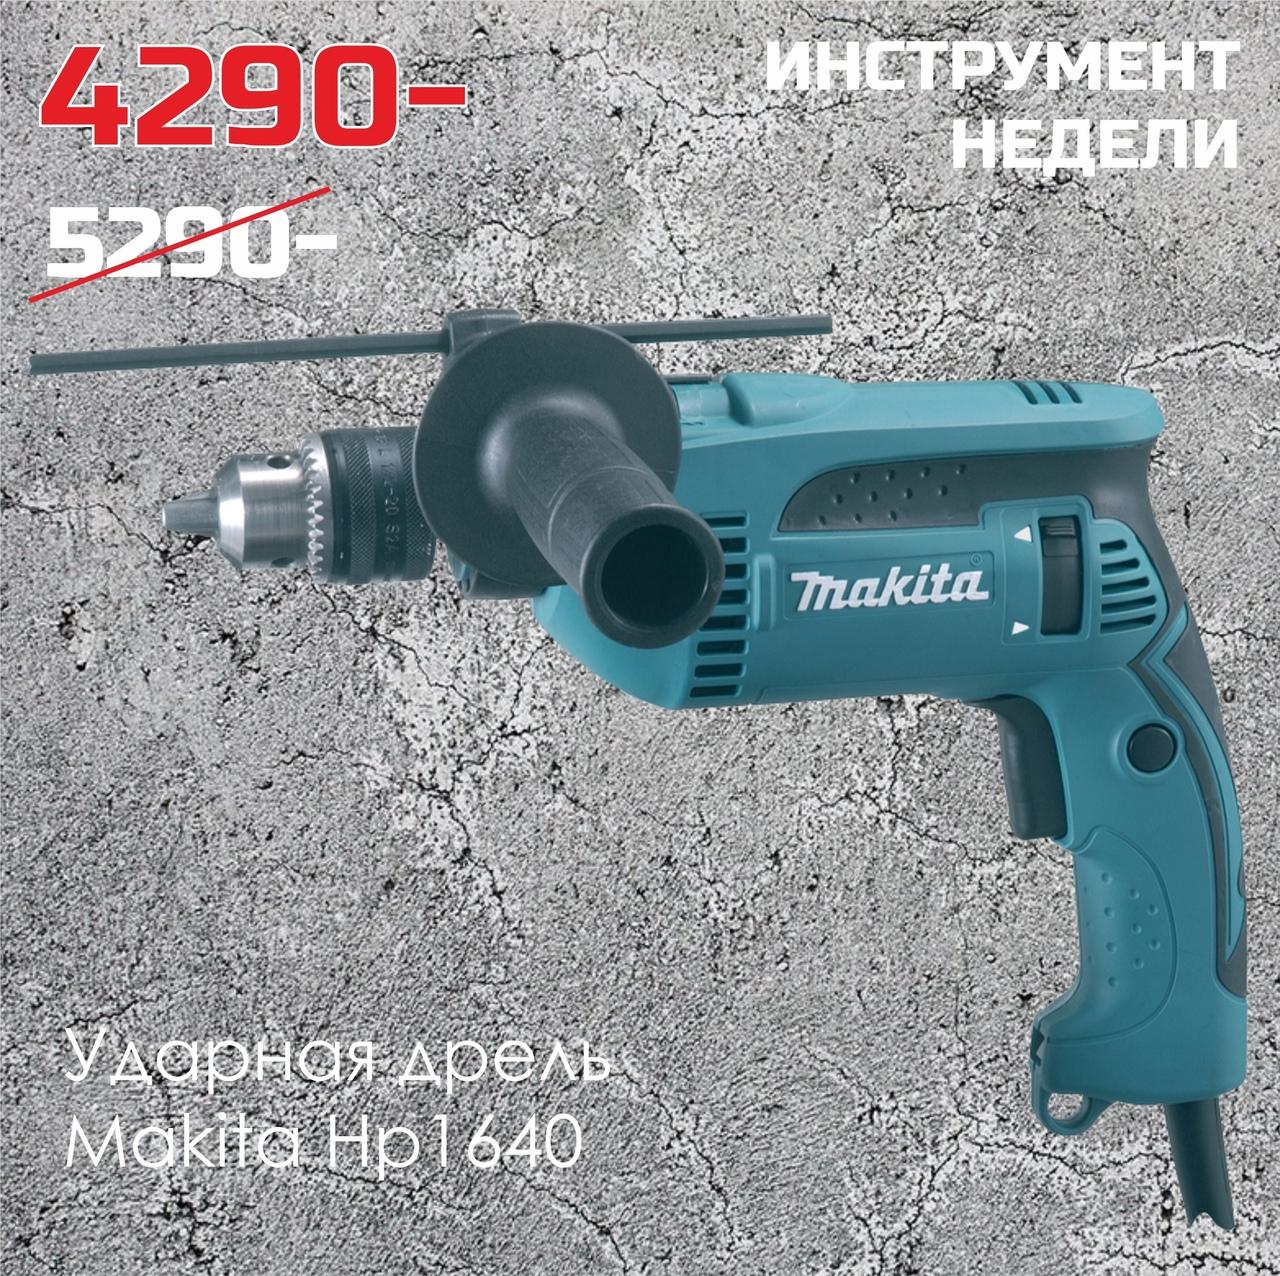 Ударная дрель Makita HP1640 всего за 4290-